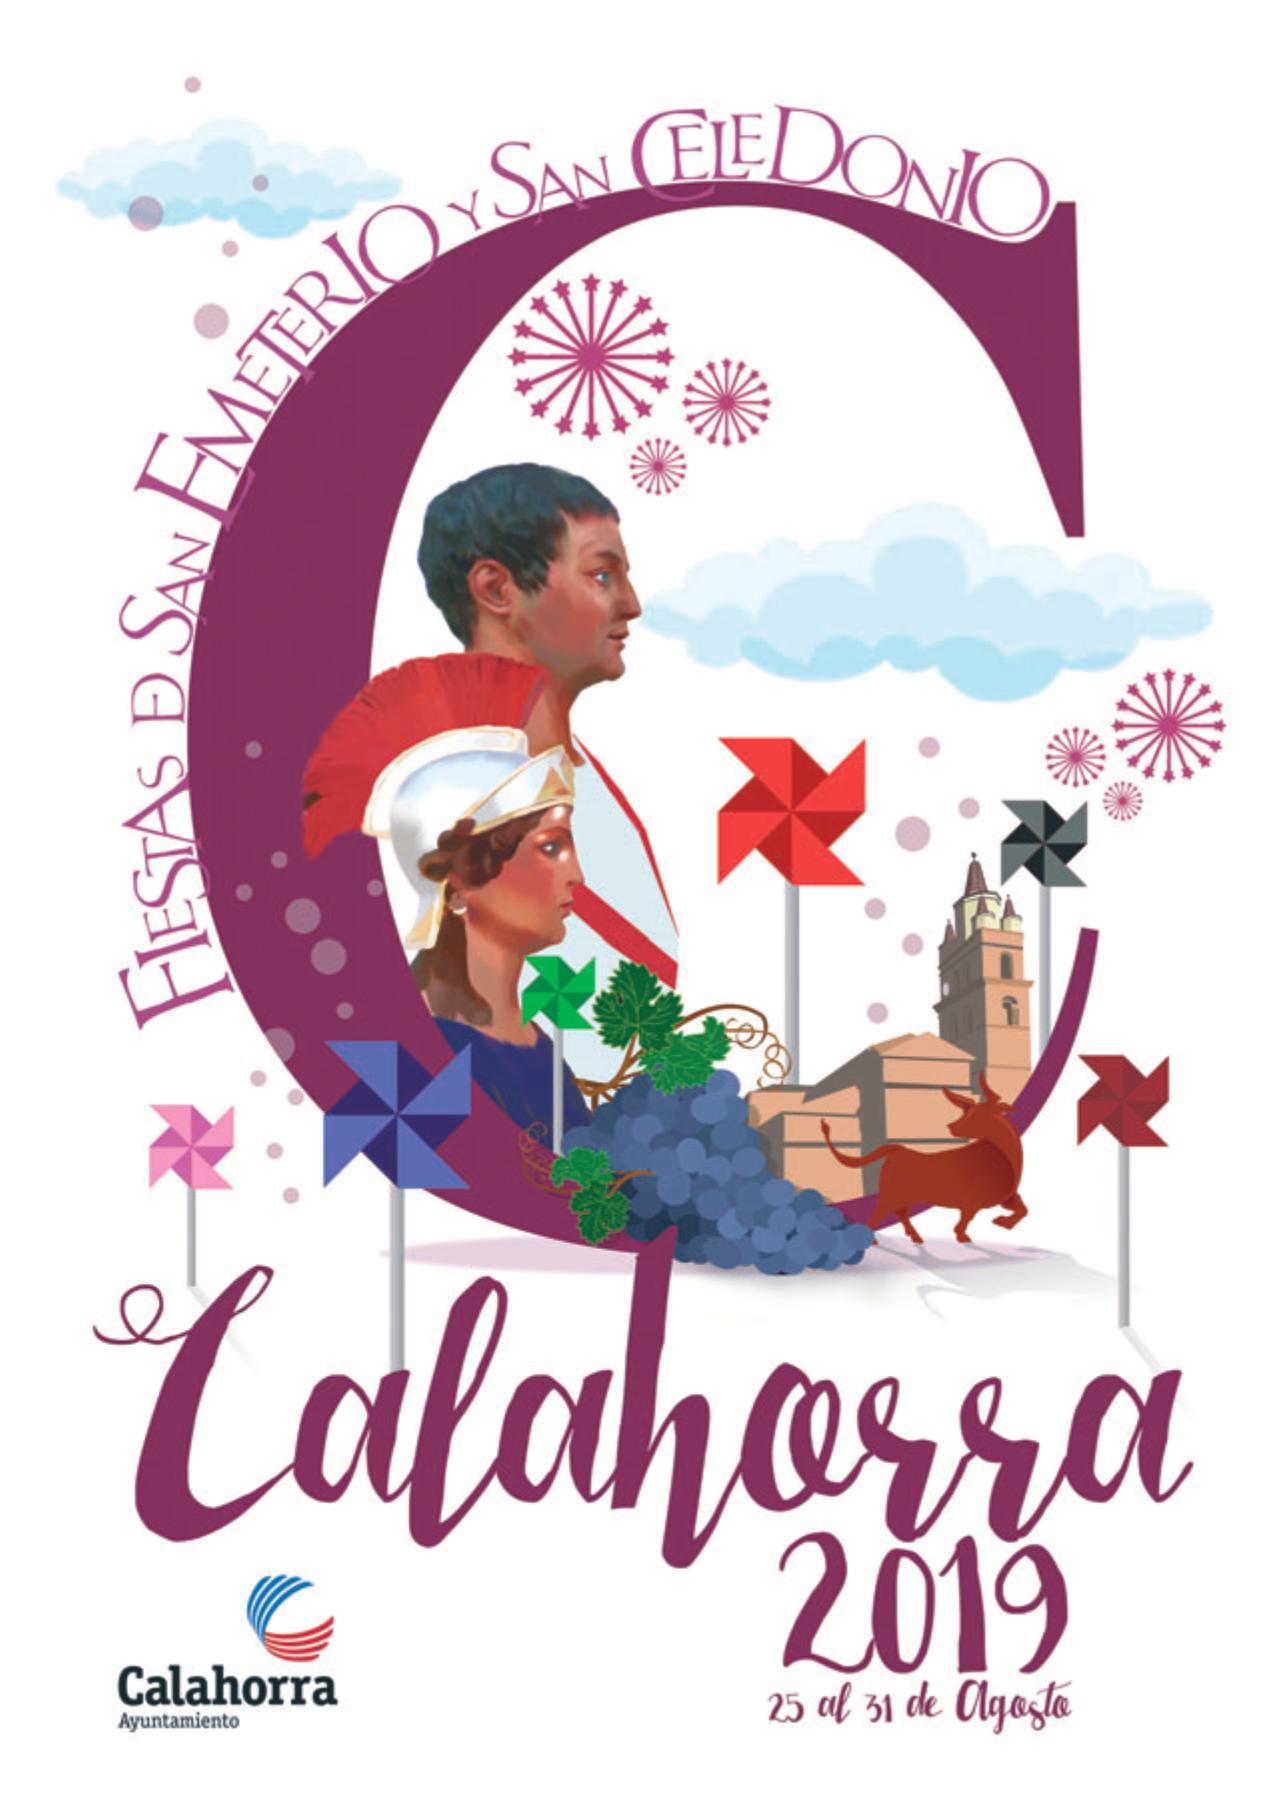 Fiestas de Calahorra San Emeterio y San Celedonio